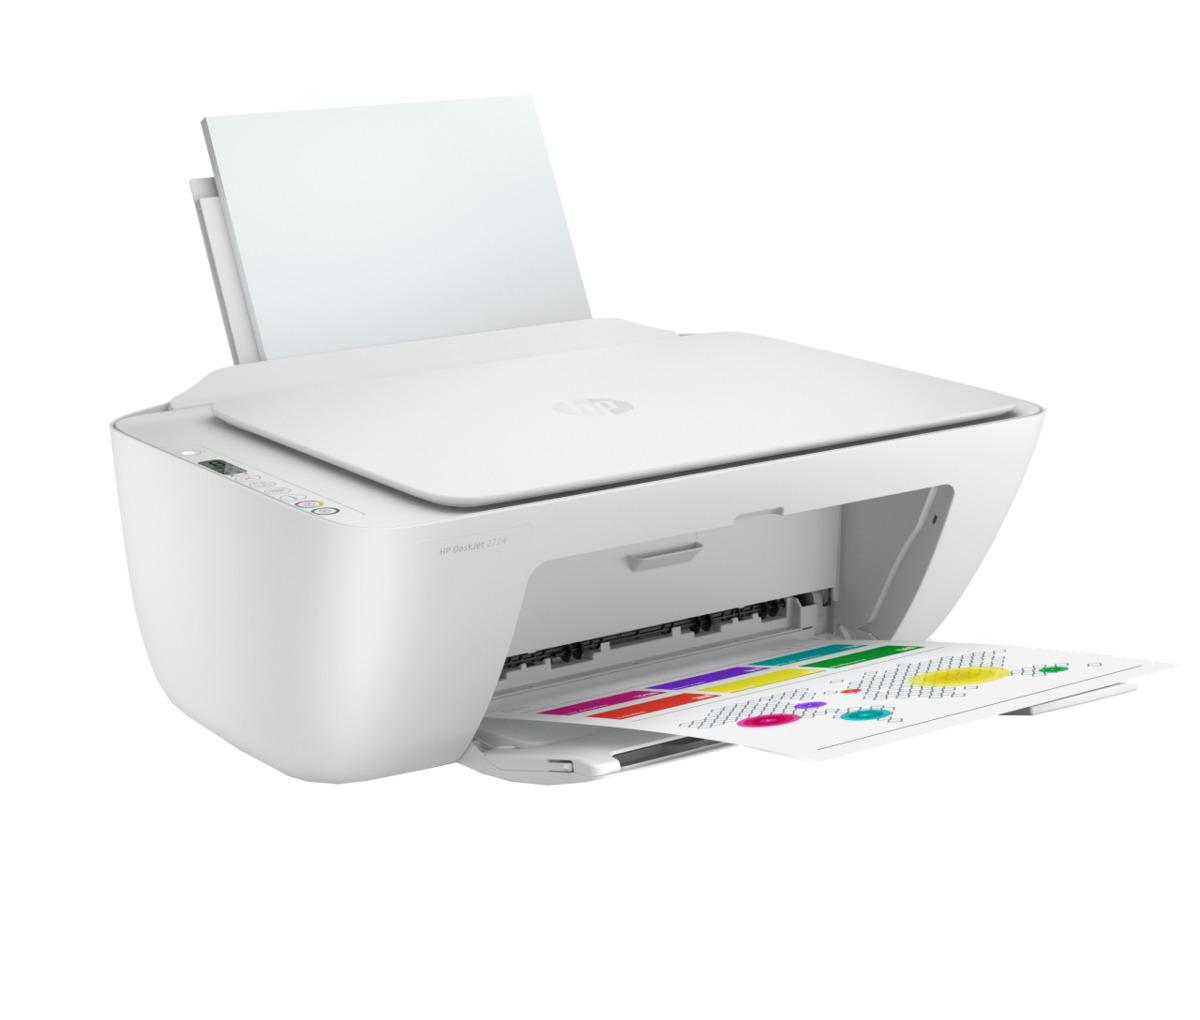 Bild 3 von HP All-in-One Drucker DeskJet 2724